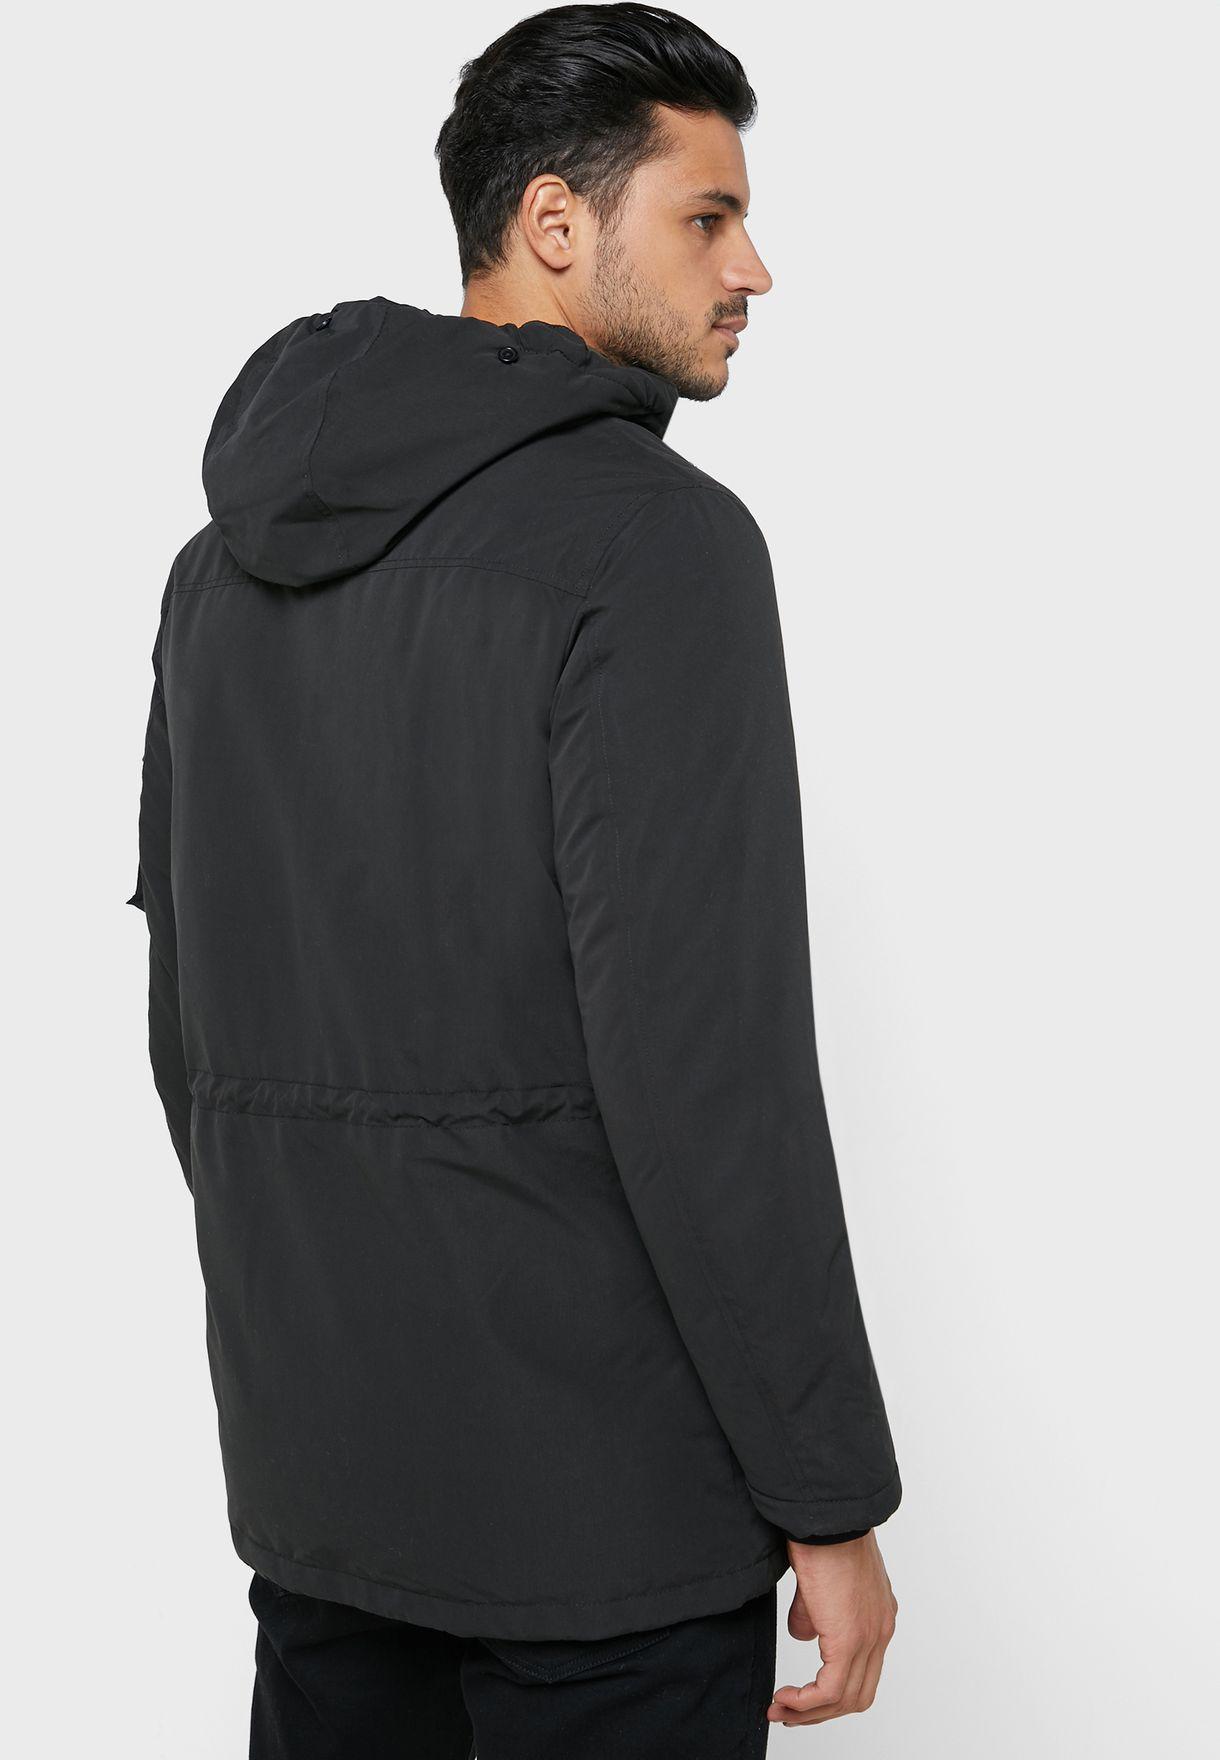 Herry Parka Jacket